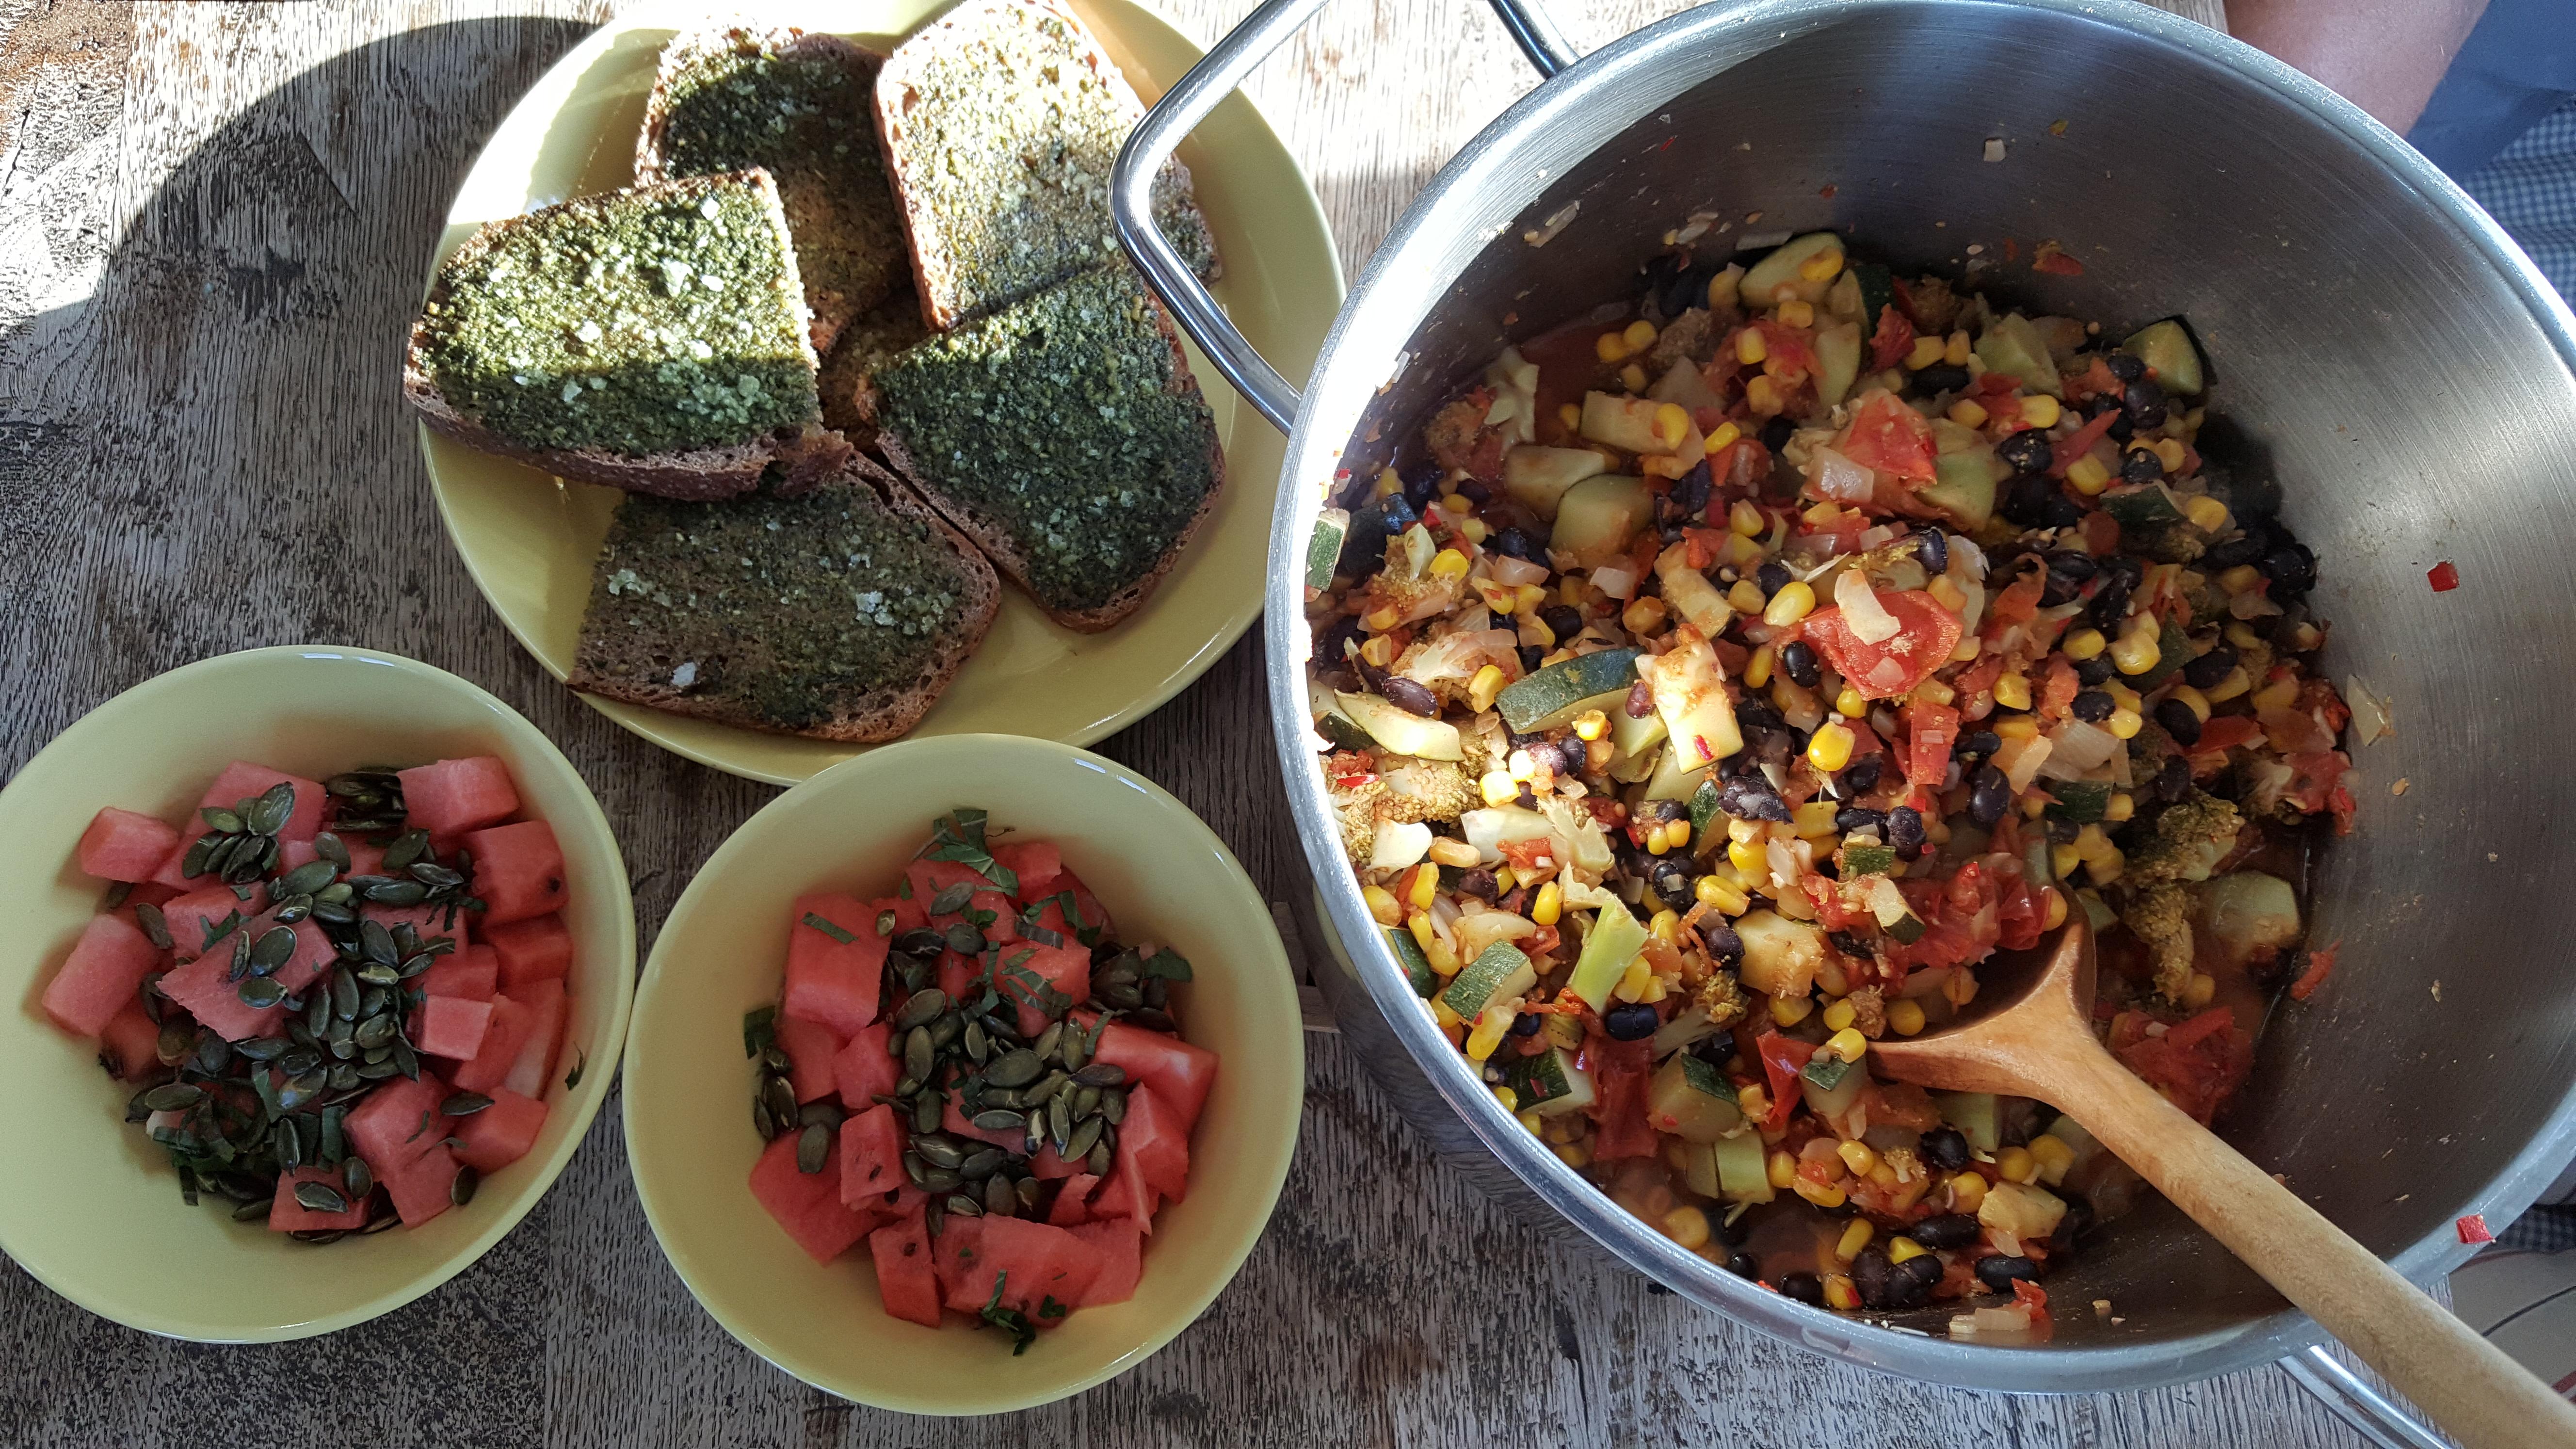 chili goji gryde med ovrristet brød med pesto og vandmelonsalat